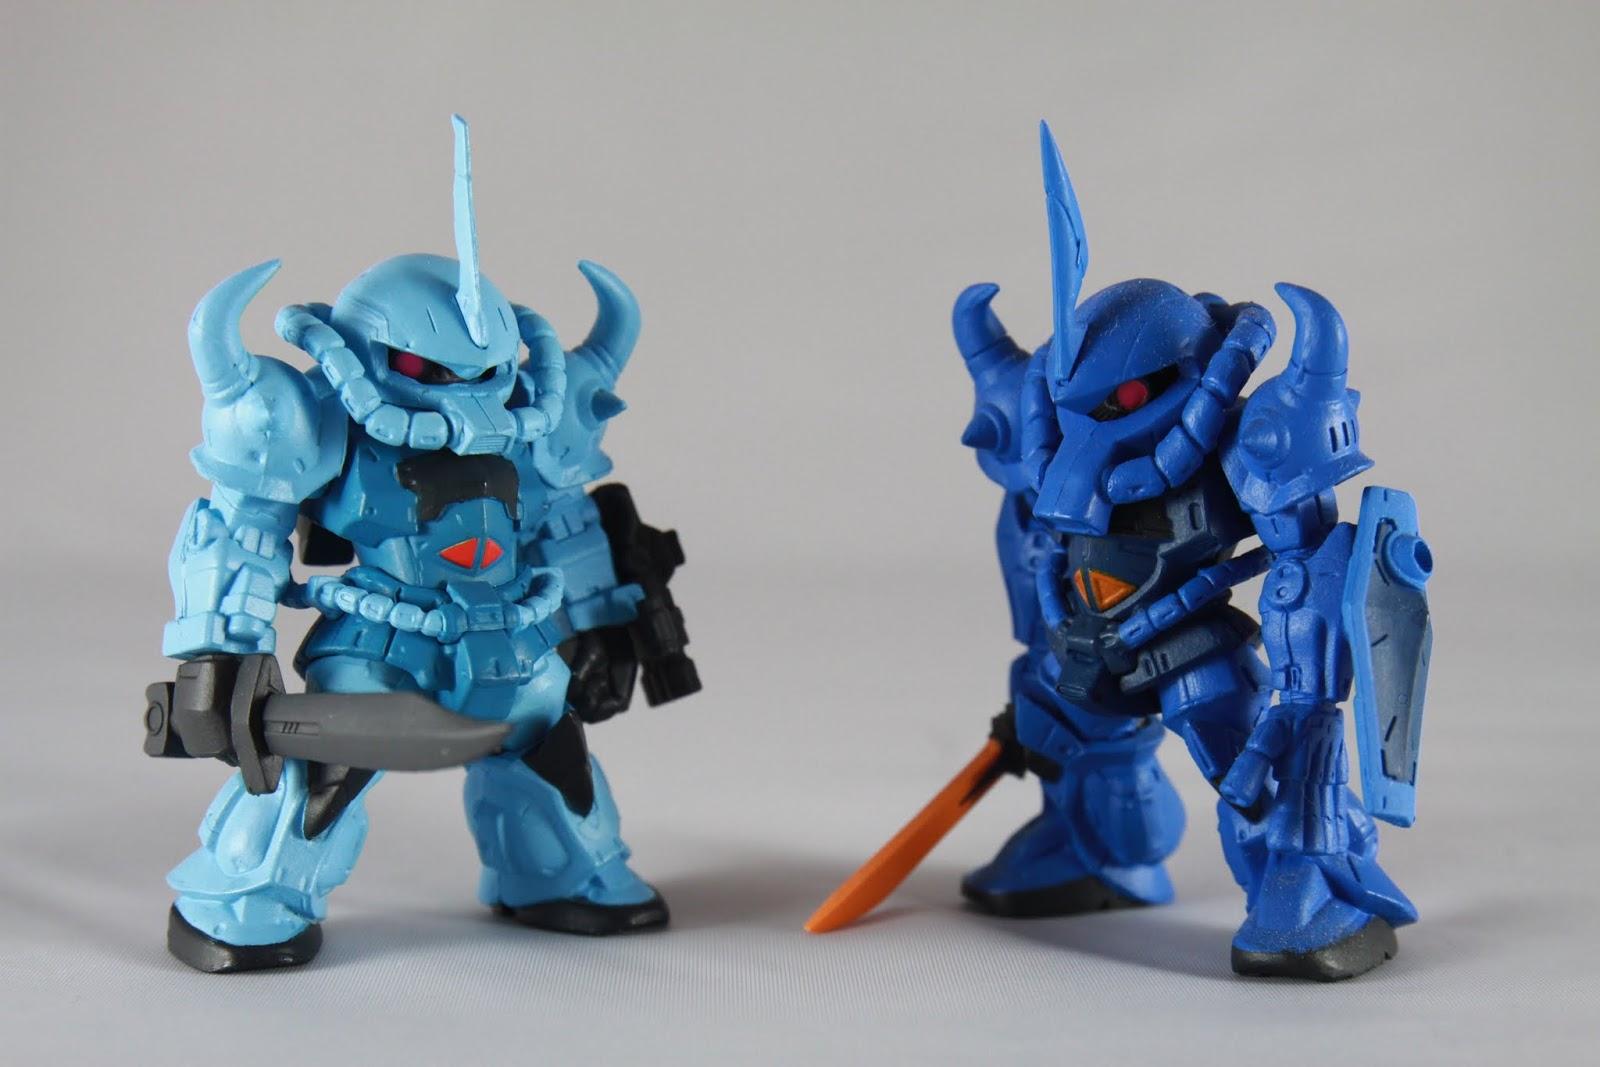 跟原型機比較 右邊你根本是章魚哥吧~ 話說Gouf 跟 Zaku的設計絕對都有改過 因為初期的這兩隻那個排氣口都像這樣這麼長 說實在~我不是很喜歡章魚哥這個角色